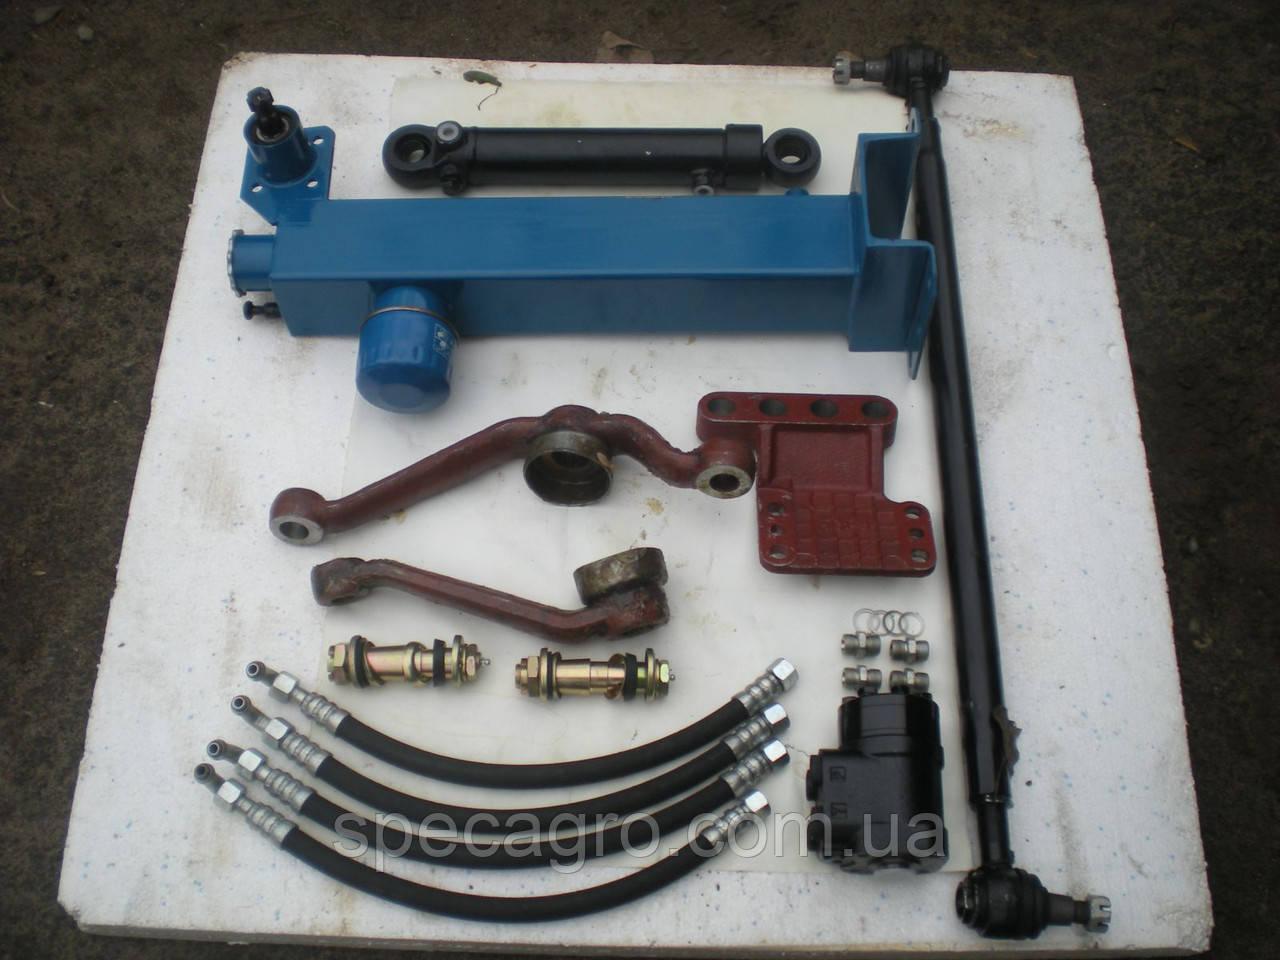 Гидроруль (насос-дозатор) МТЗ-80 МТЗ-82 комплект переоборудование